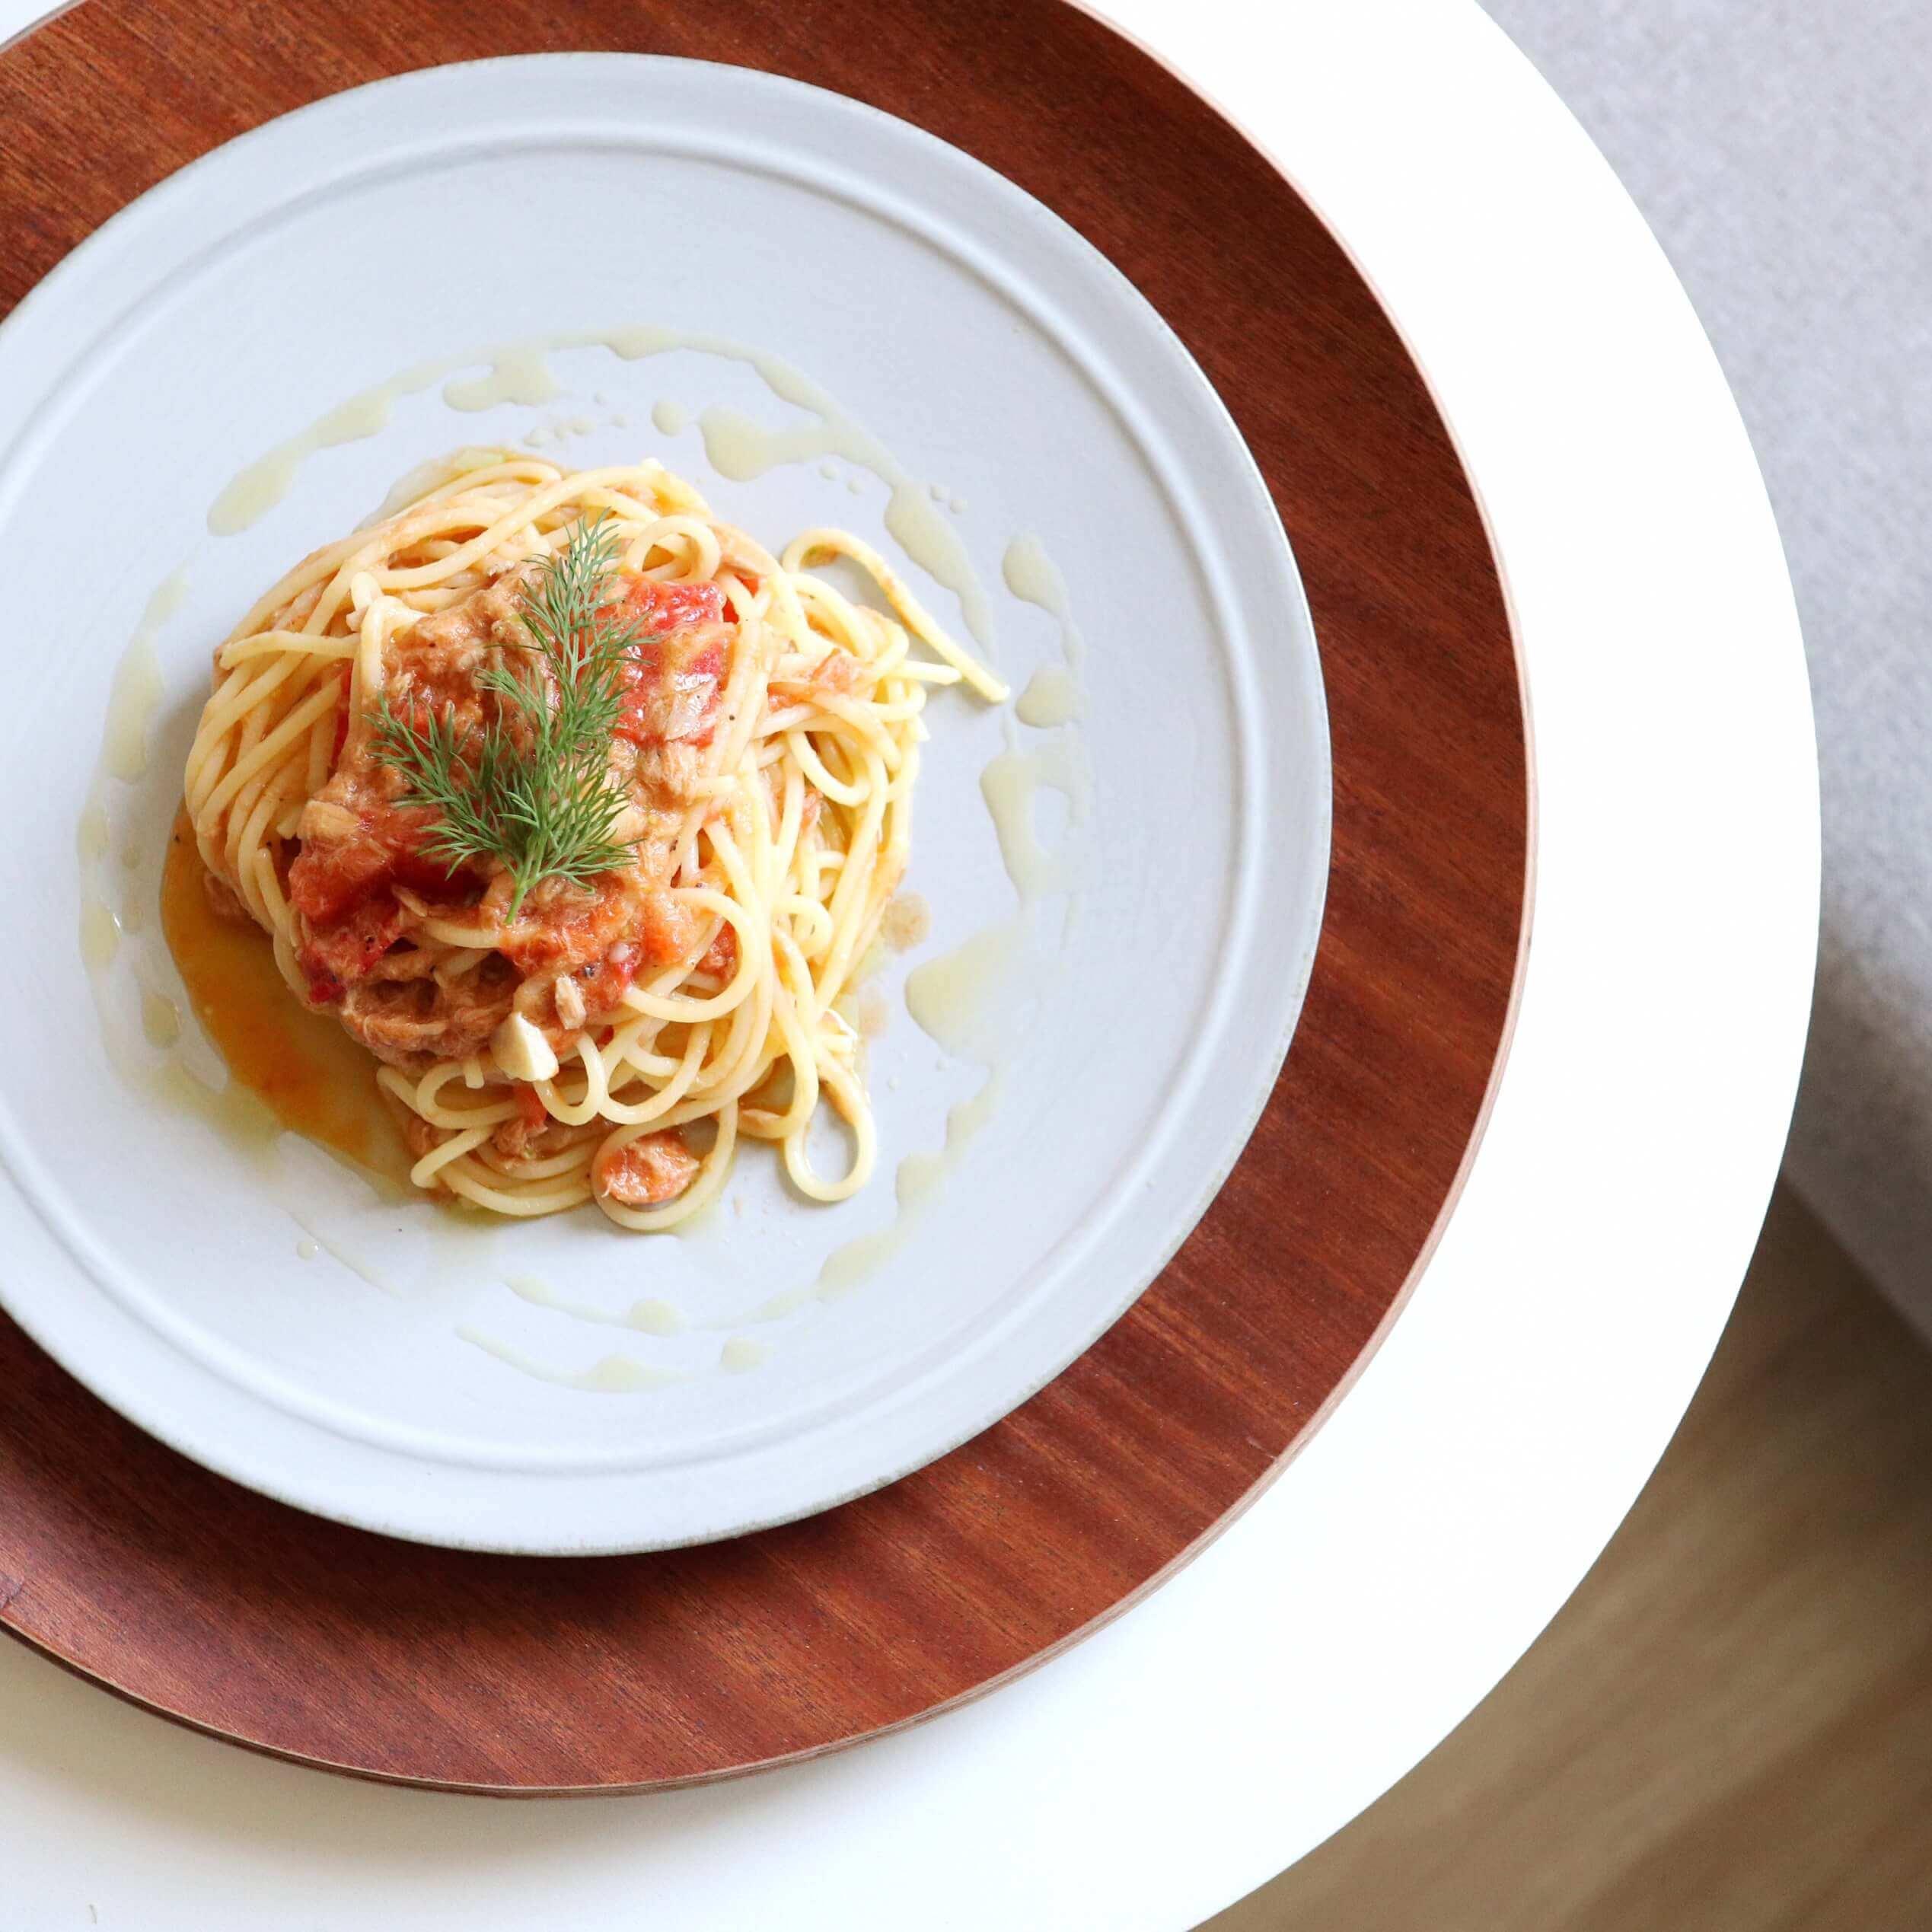 【超簡単!】ツナとトマトのオイルパスタのレシピ